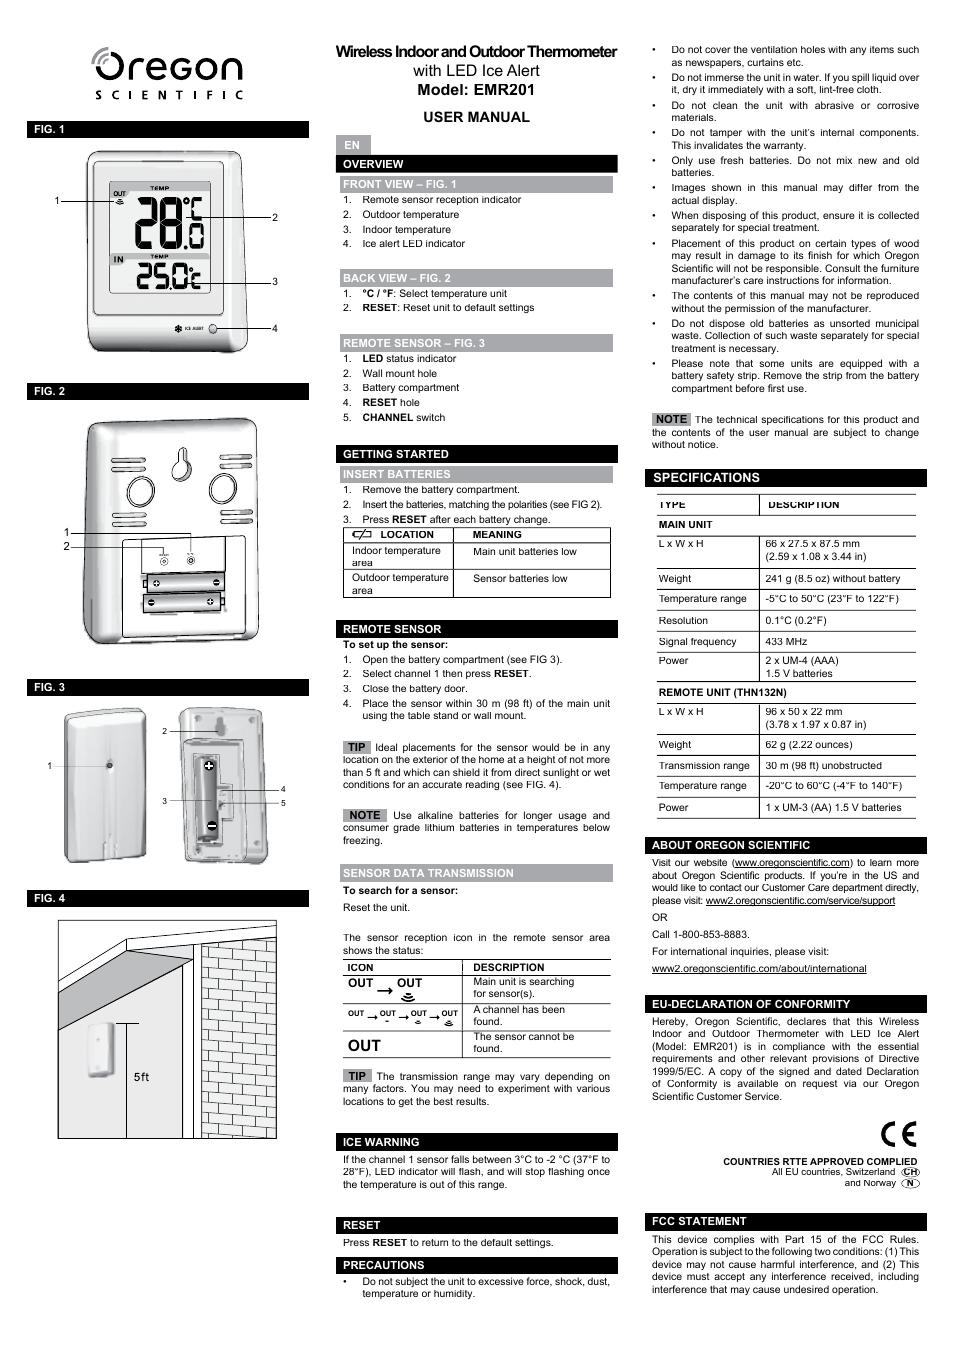 Oregon Scientific Emr201 User Manual